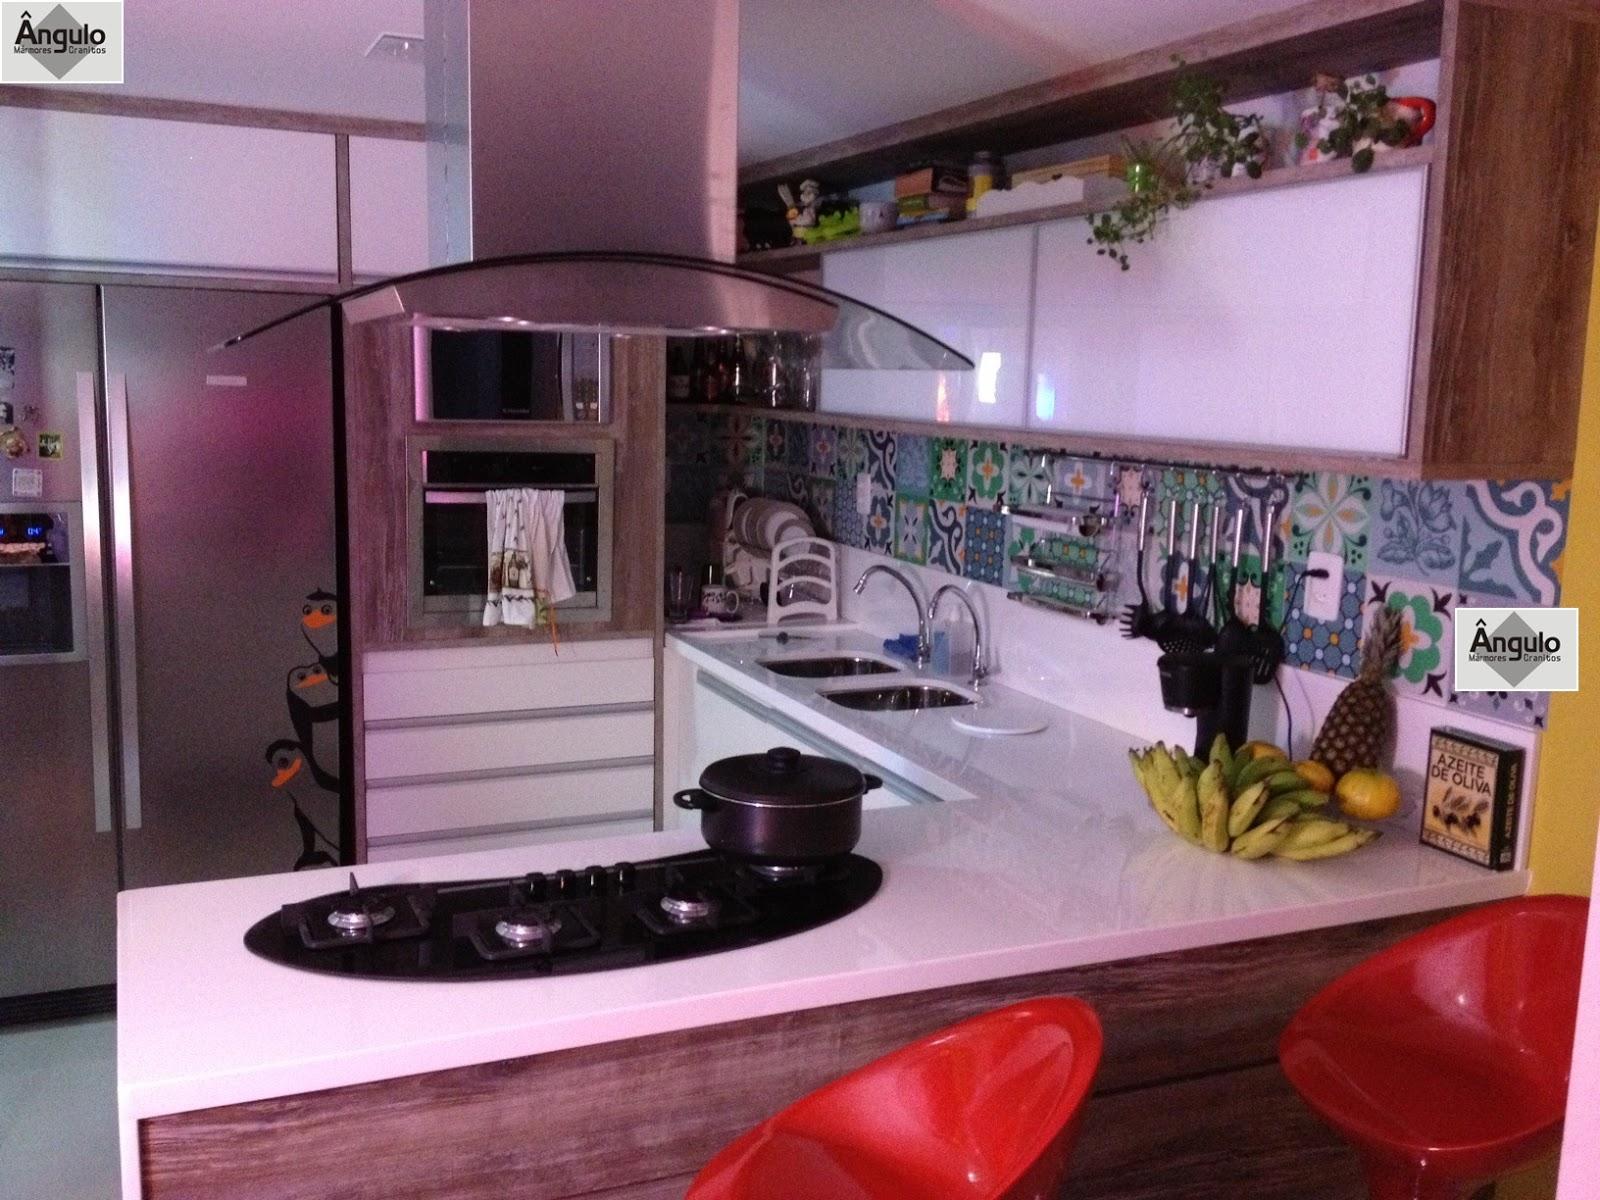 Ângulo Mármores e Granitos: Cozinha Balcão e Mesa em Nanoglass #AC1F23 1600 1200